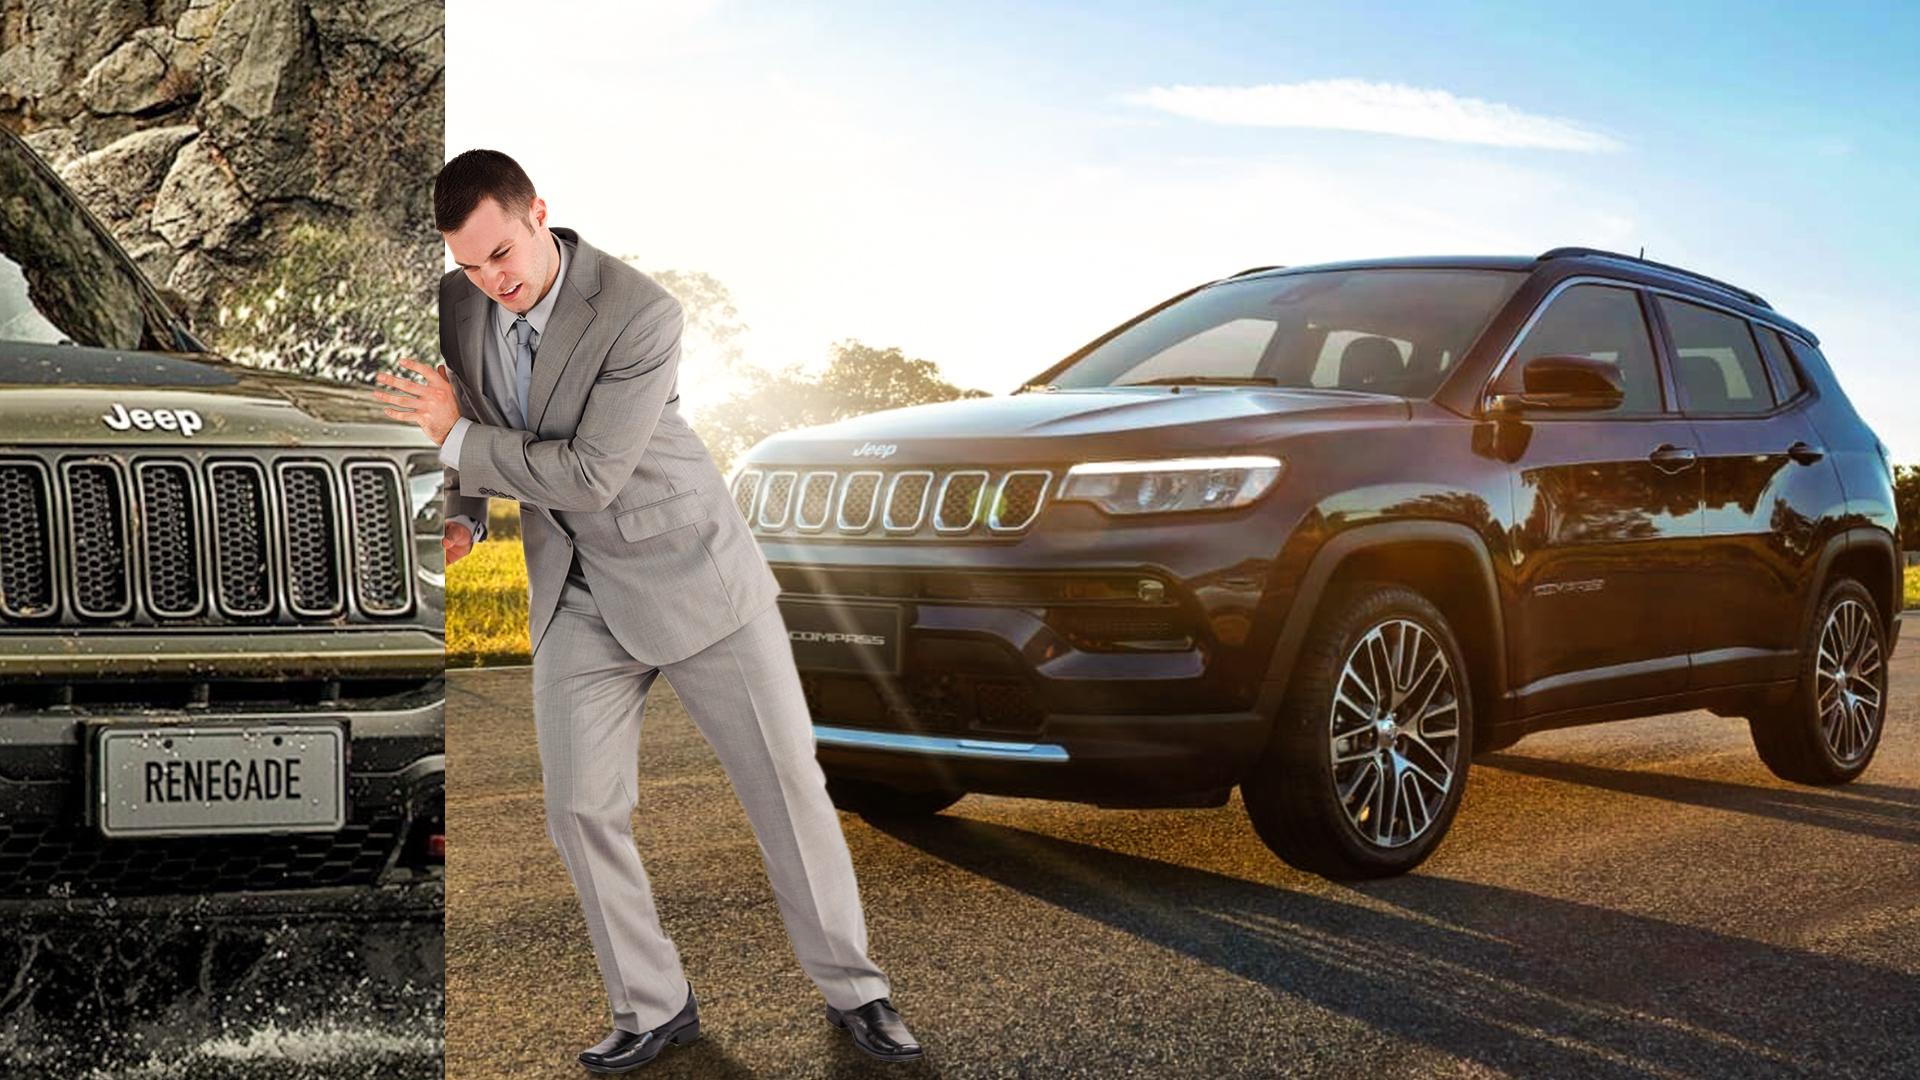 A Jeep mudou seus planos e decidiu que seu primeiro SUV híbrido no Brasil será o Compass